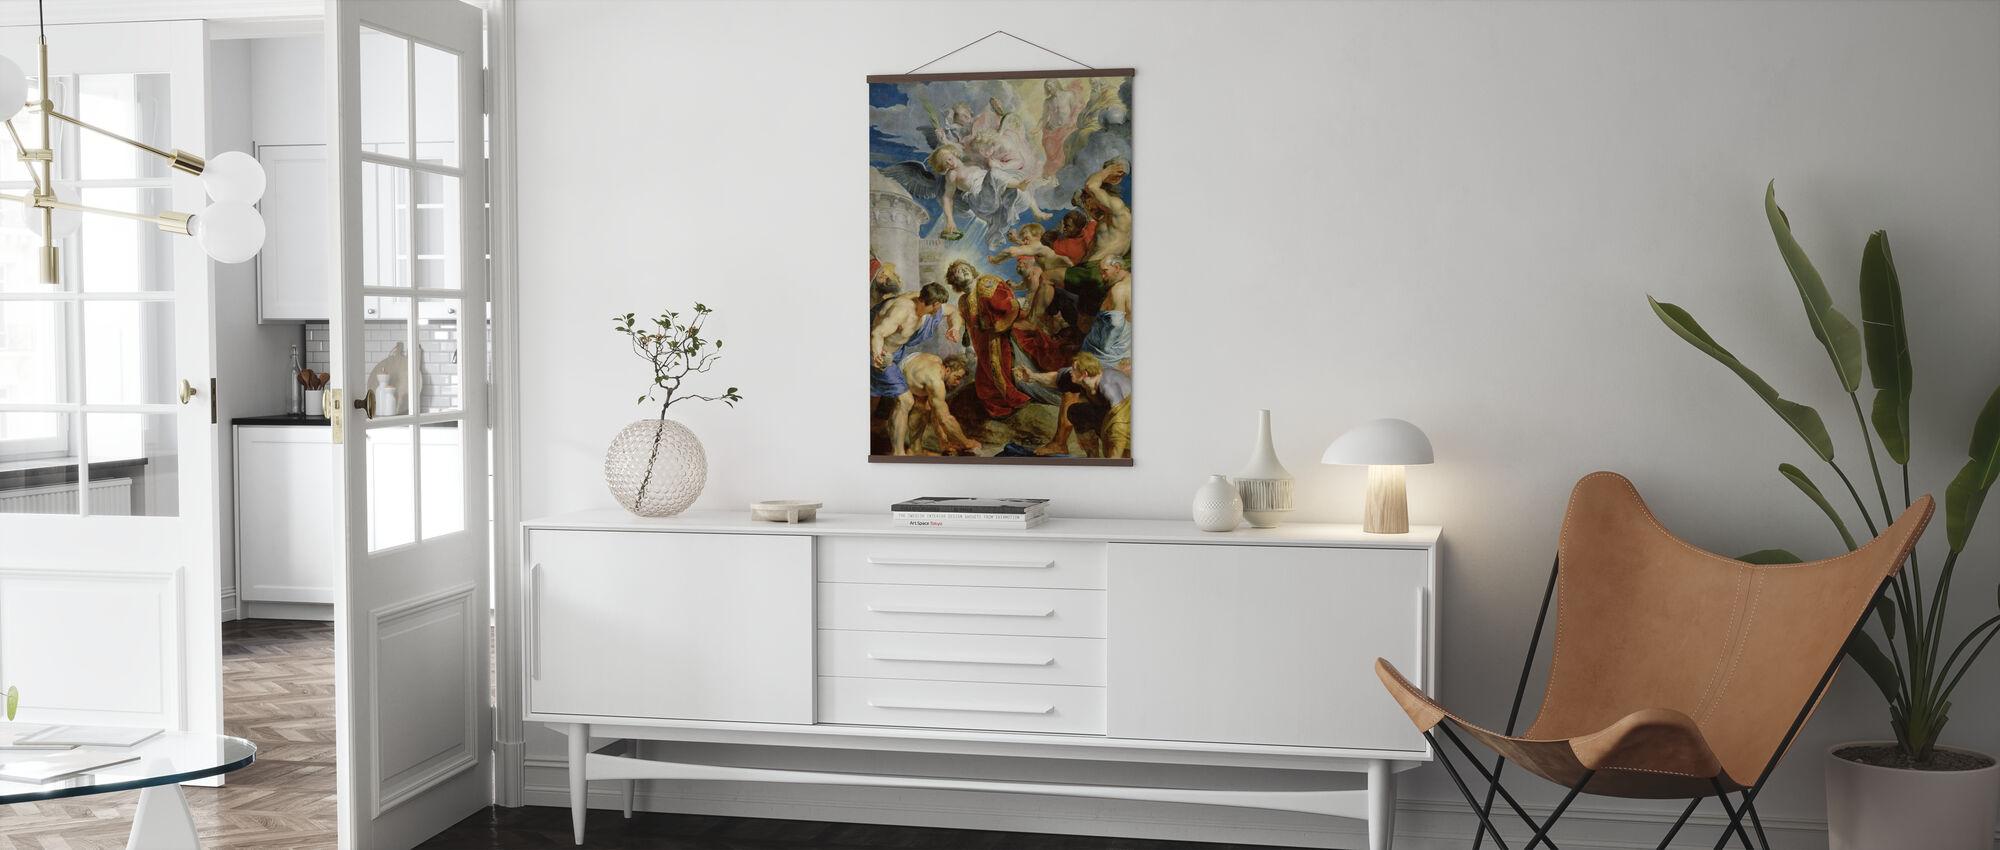 Steinigung des heiligen Stephanus - Peter Rubens - Poster - Wohnzimmer